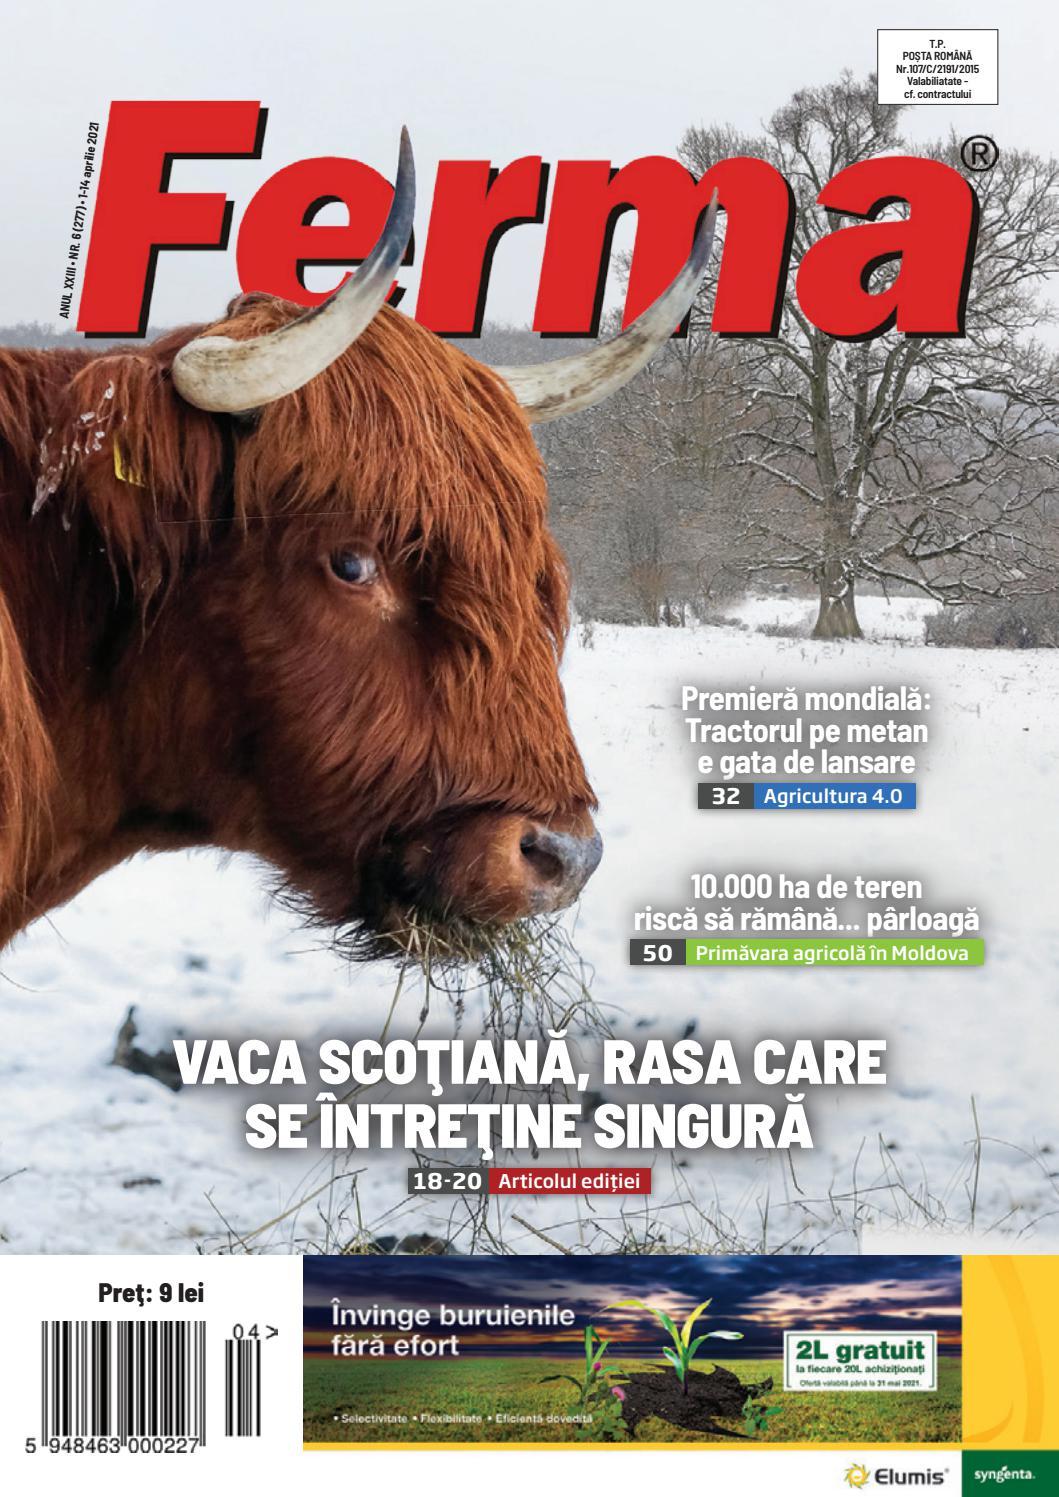 pierderea în greutate ferme irlanda)